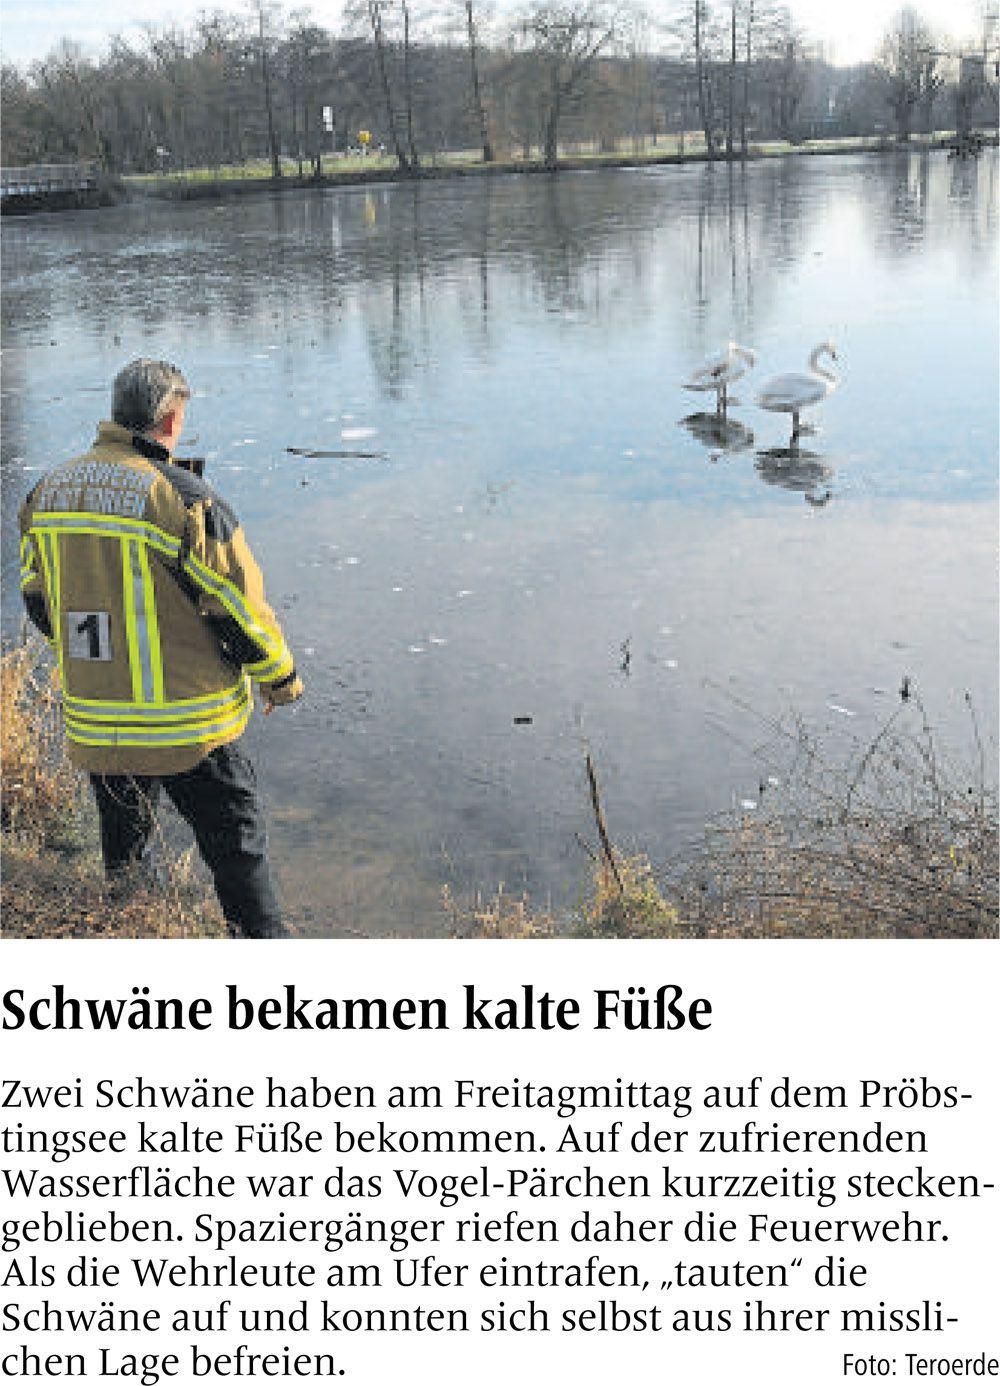 Zeitungsartikel aus der Borkener Zeitung vom 7. Januar 2017